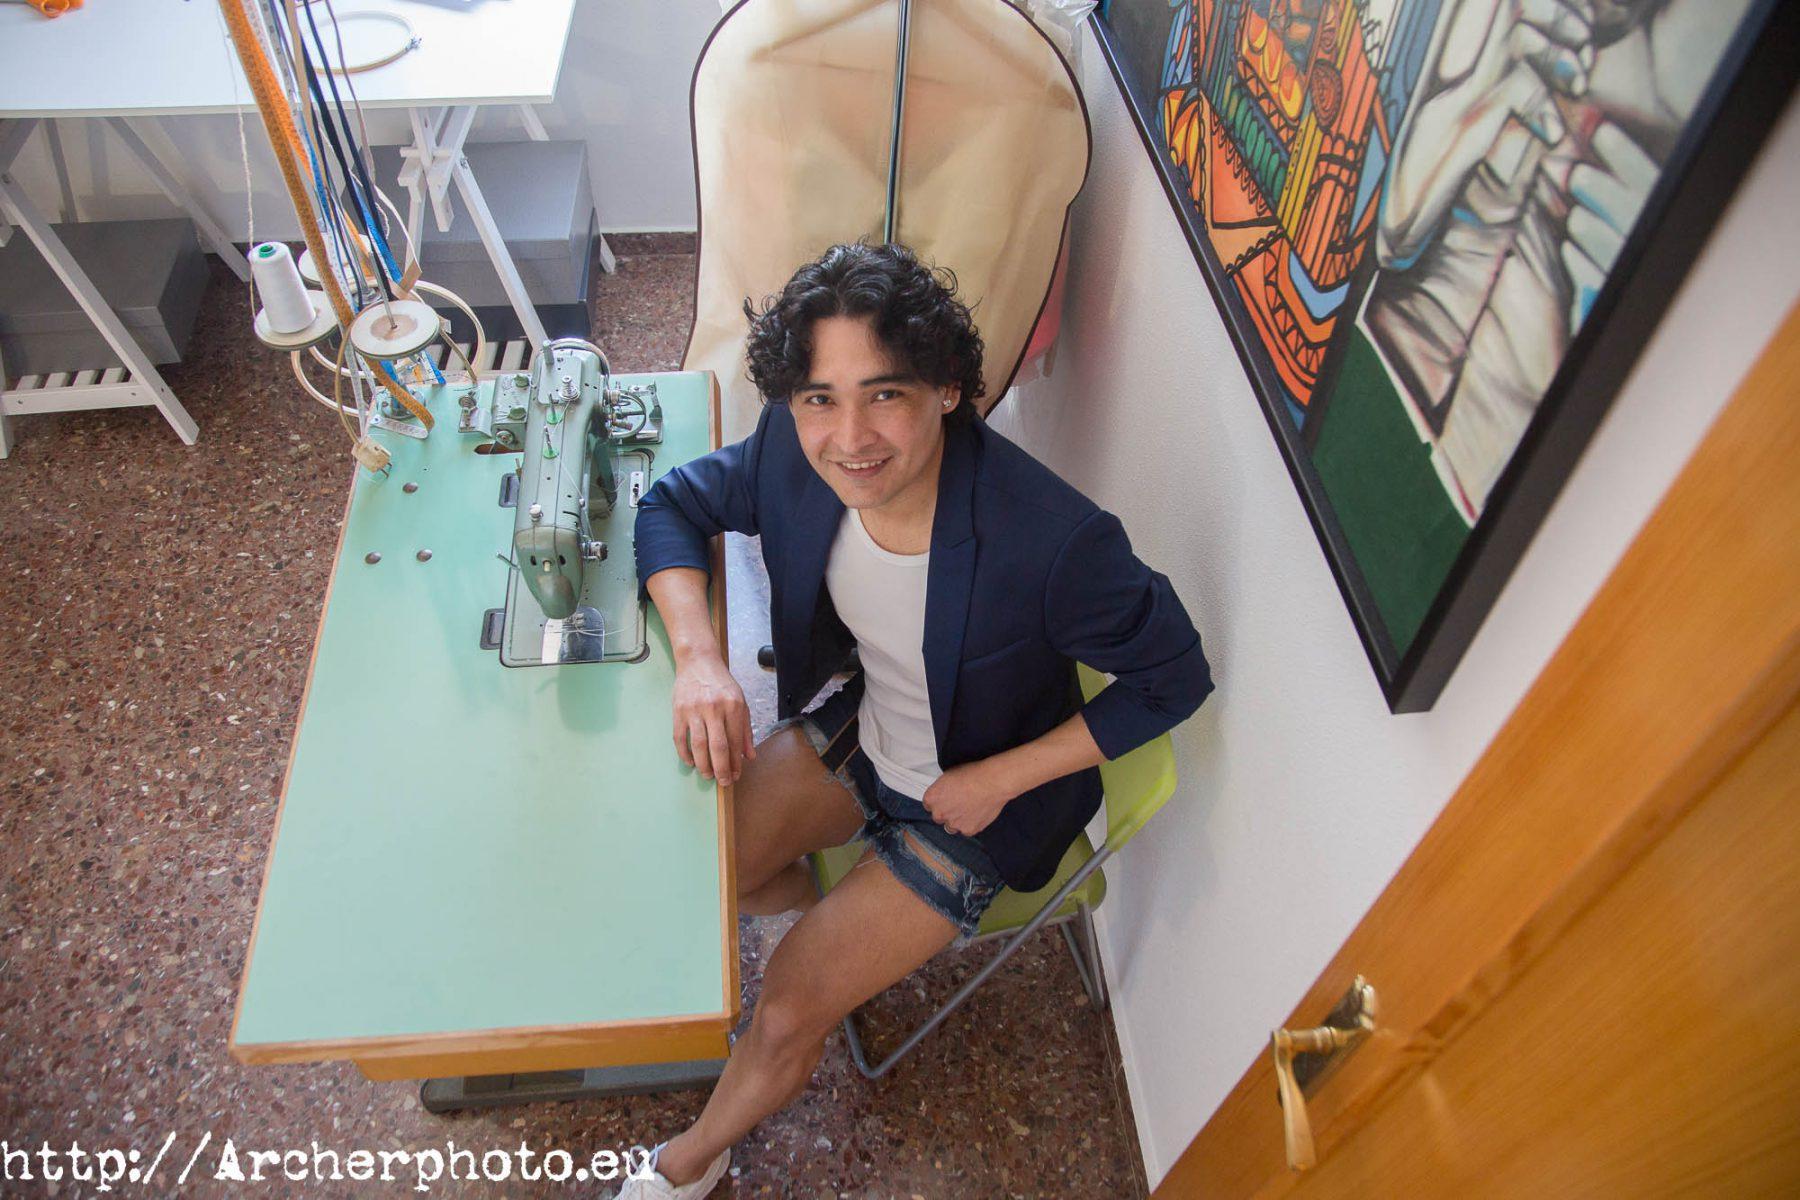 Pier Franco en su taller - importancia del retrato profesional